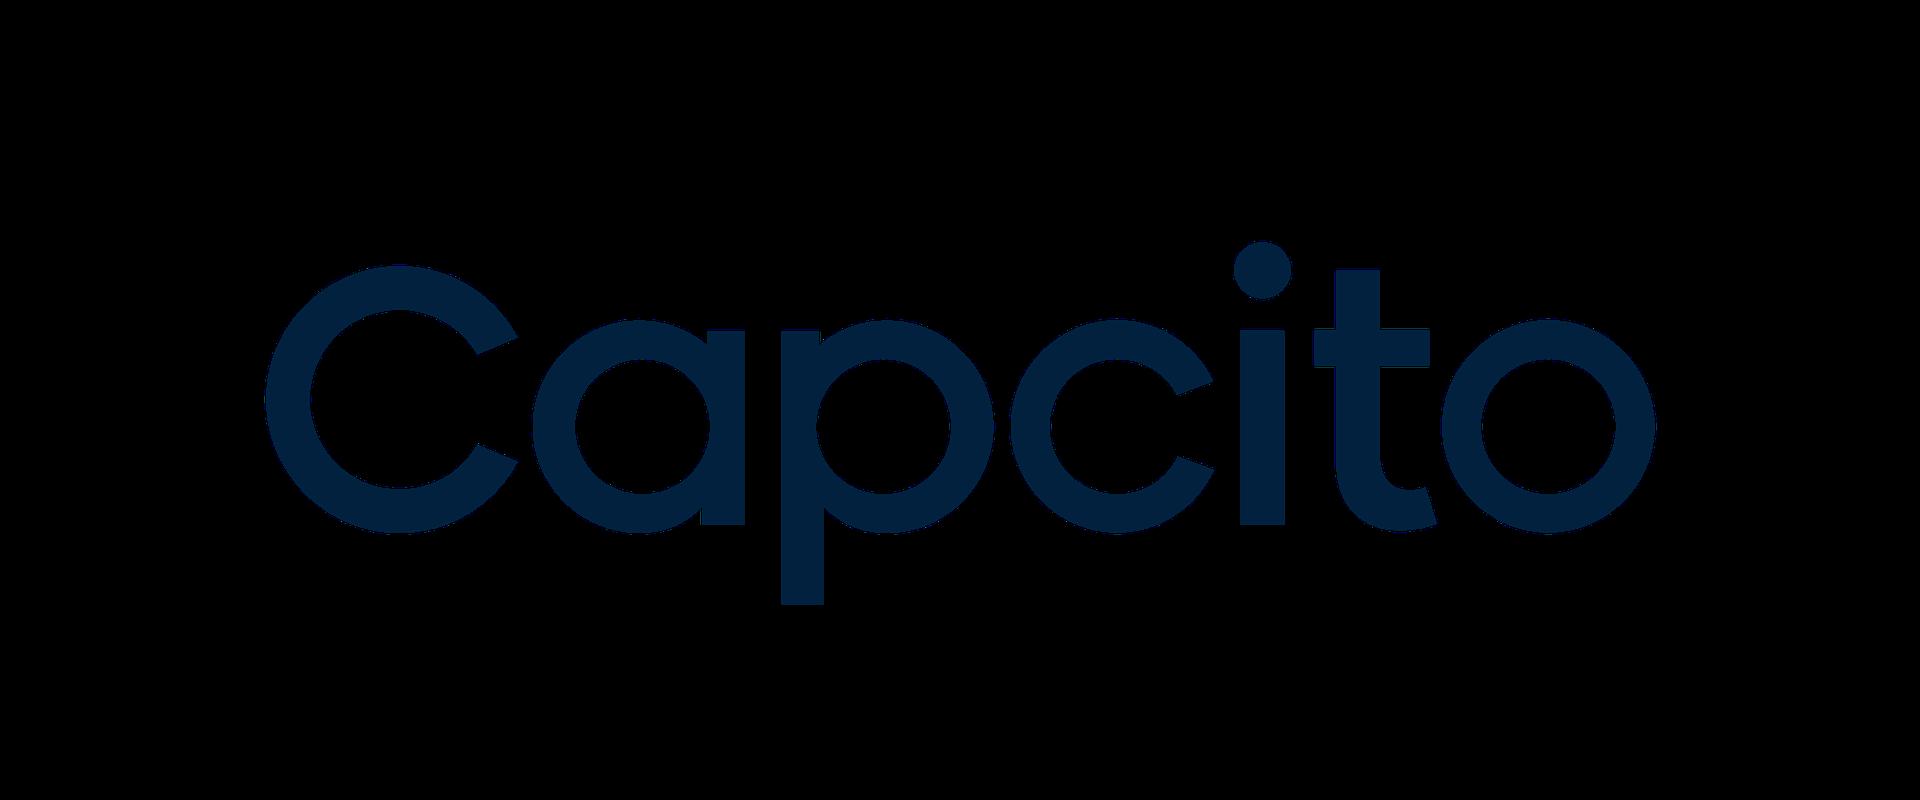 Capcito (logo).